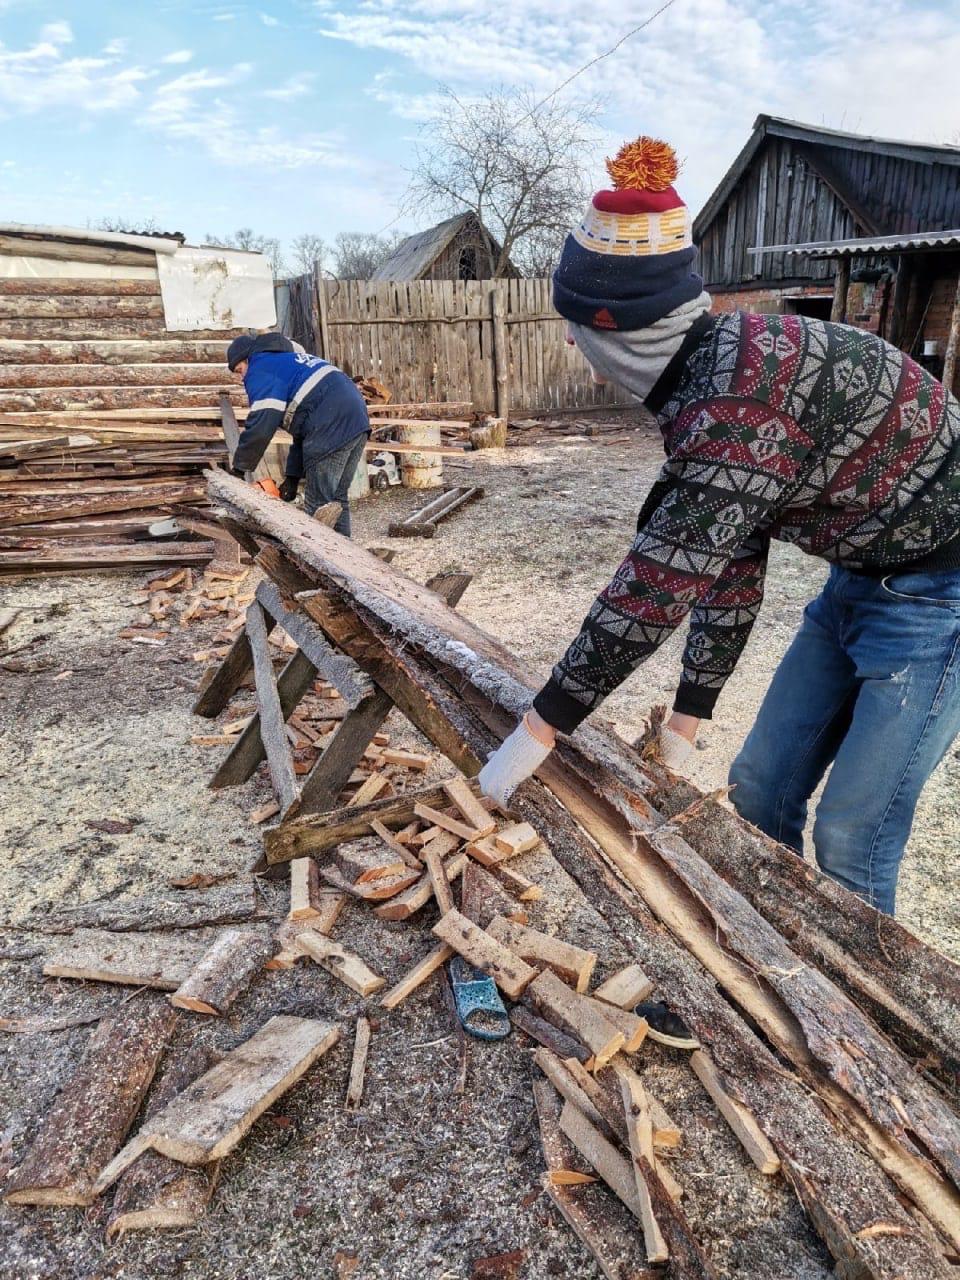 «Без работы и печь холодна»: волонтеры-радимичи помогают заготовить дрова на зиму сельским жителям Новозыбковского района